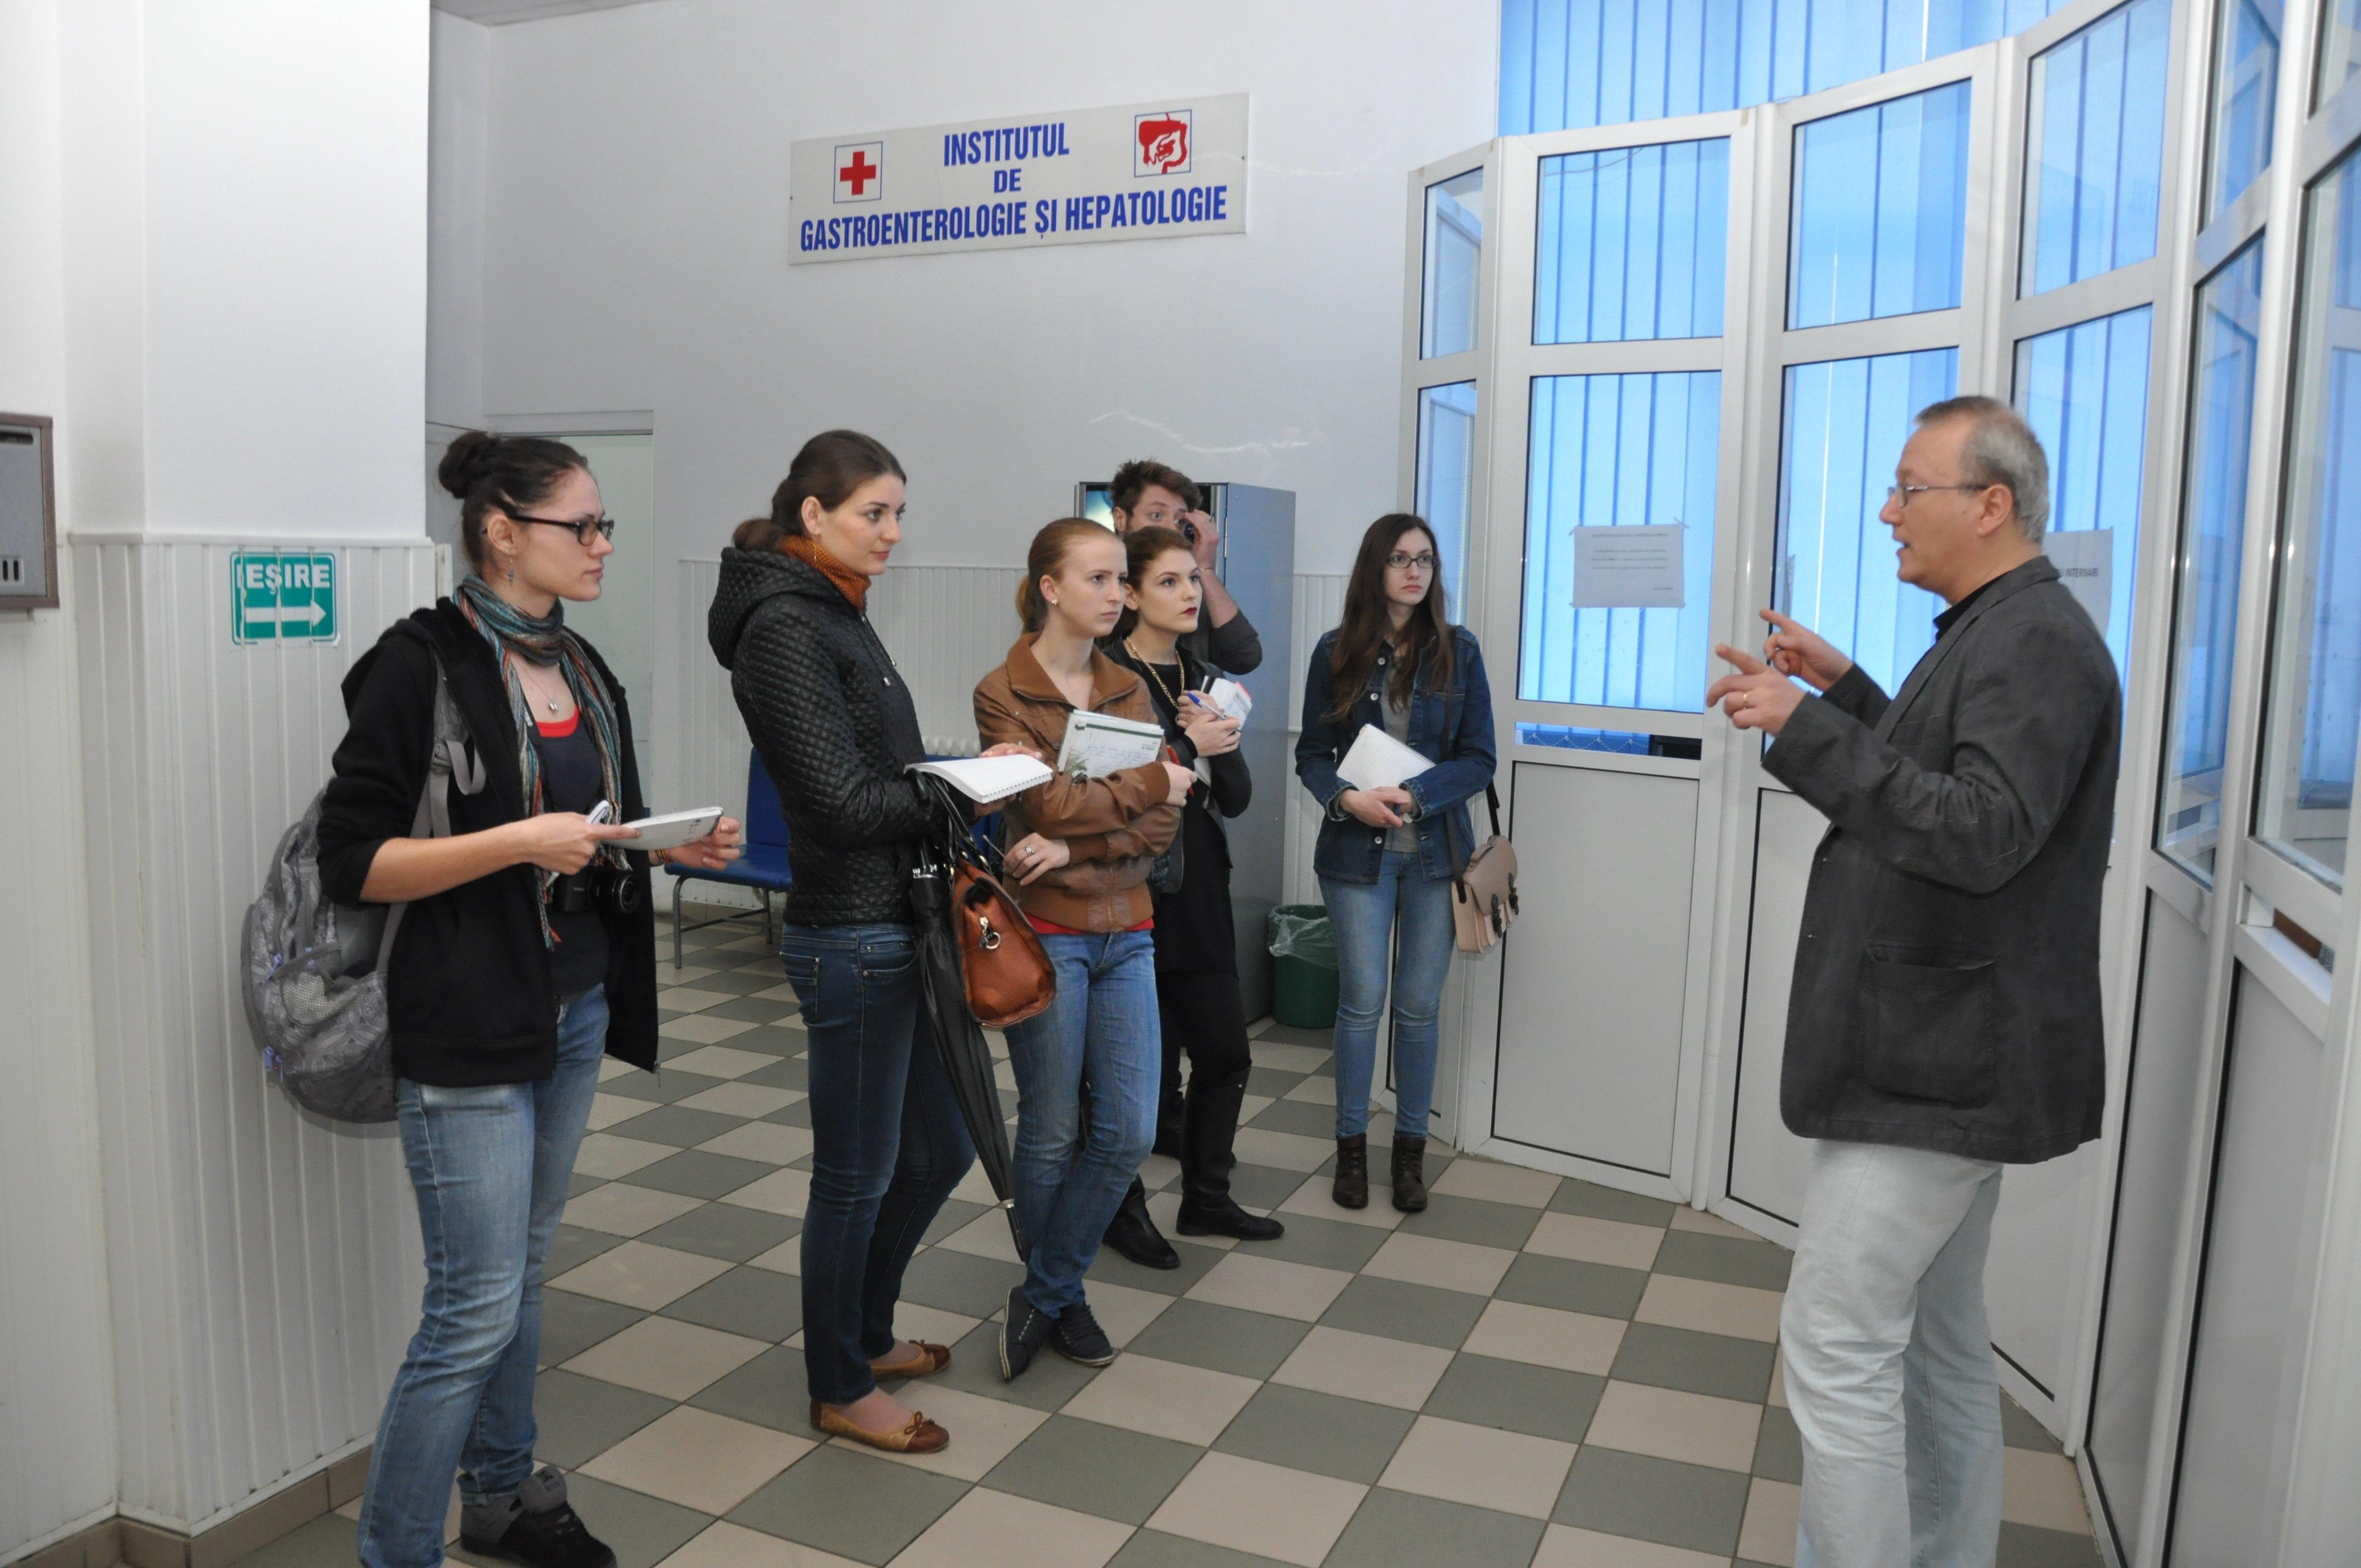 Cursanții de la Reportaj în documentare la Institutul de Gastroenterologie și Hepatologie Iași, sub bagheta maestrului Răzvan Constantinescu